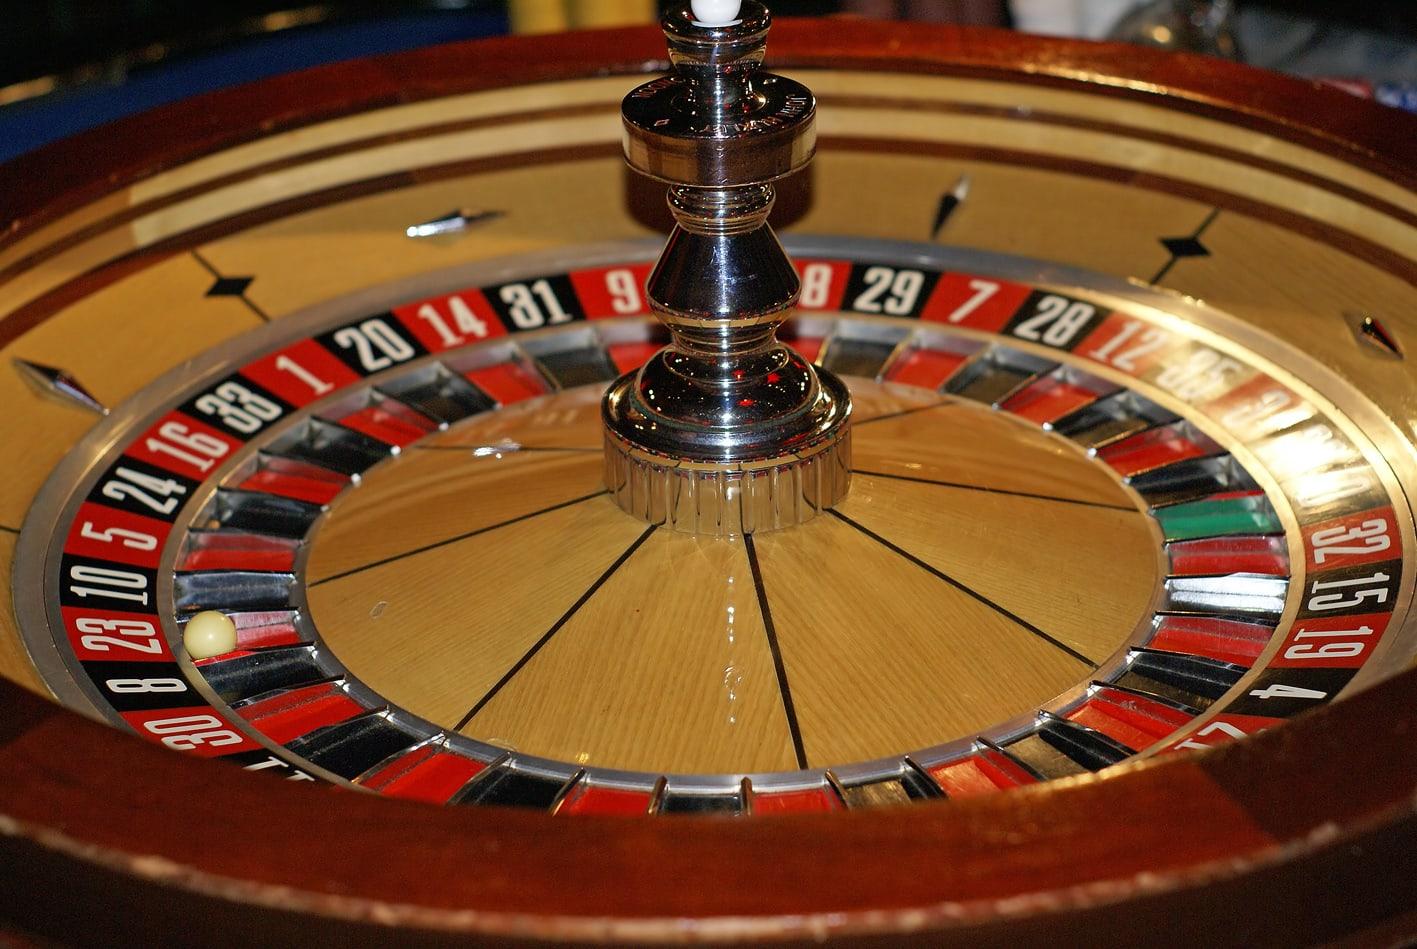 La mode des jeux d'argent en ligne